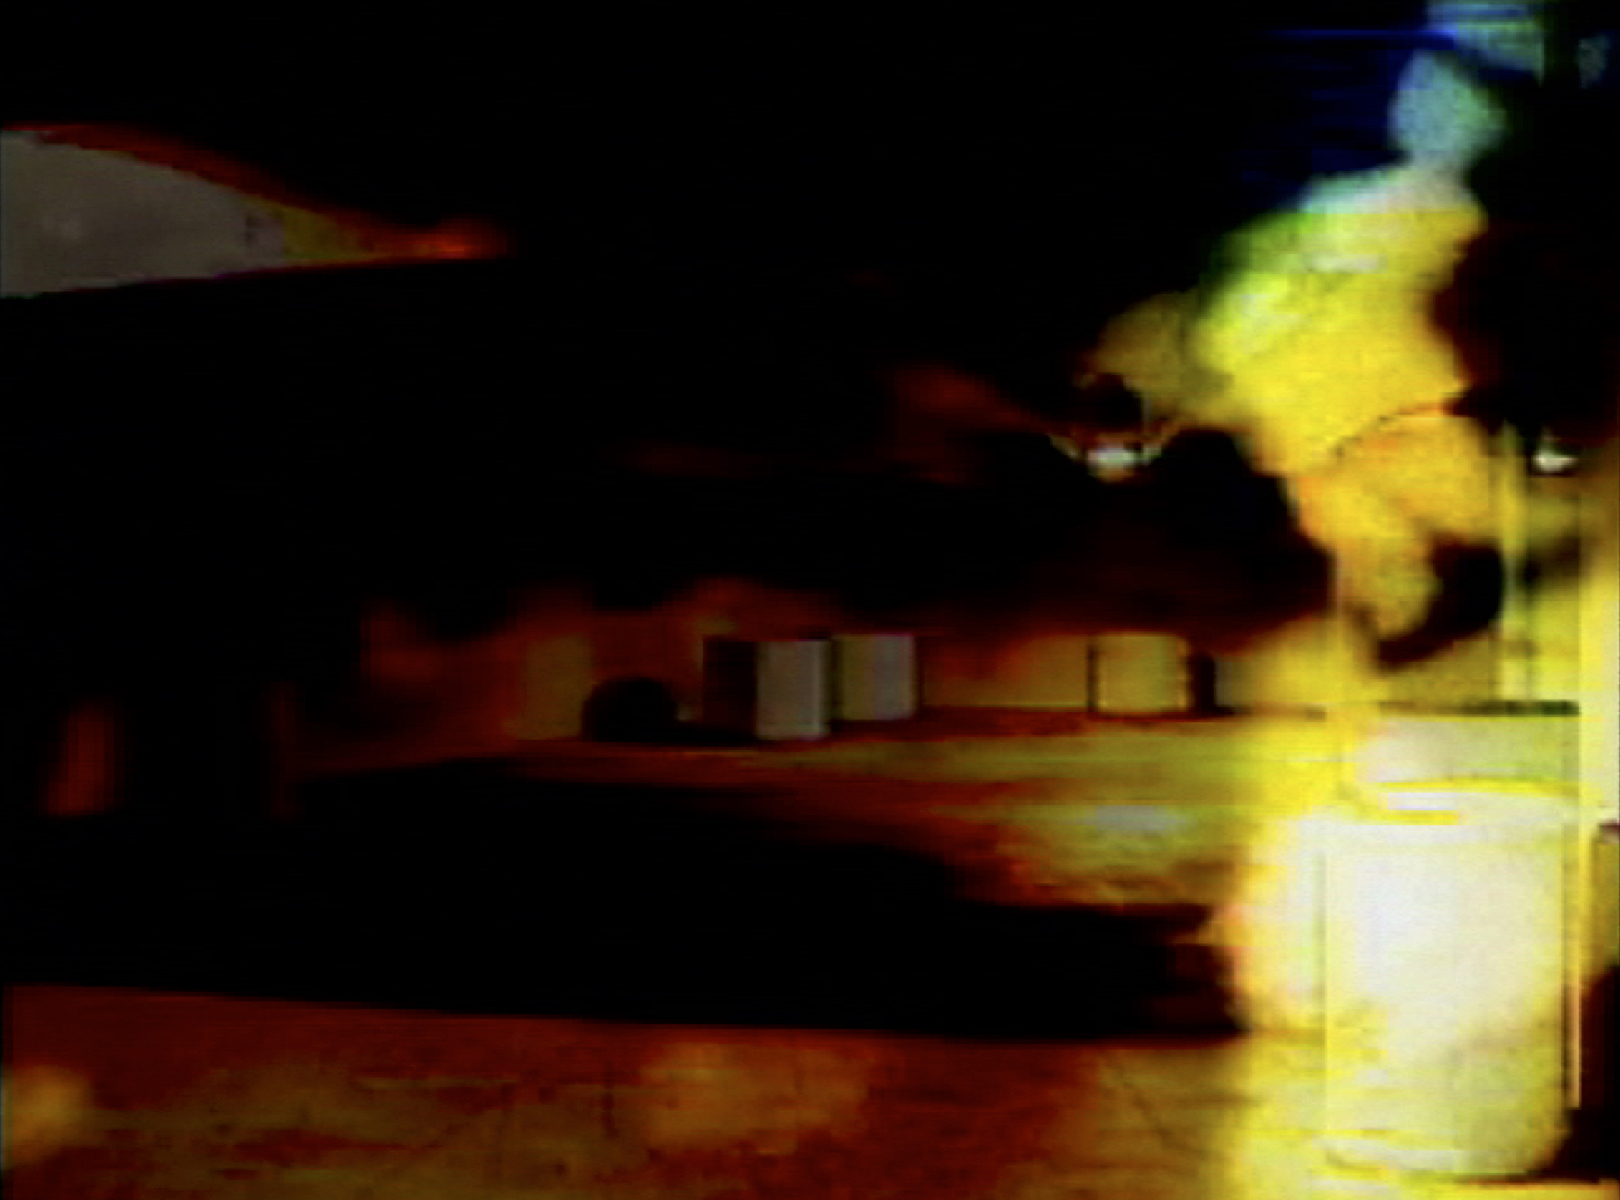 PERIPHERAL still image 01C.jpg